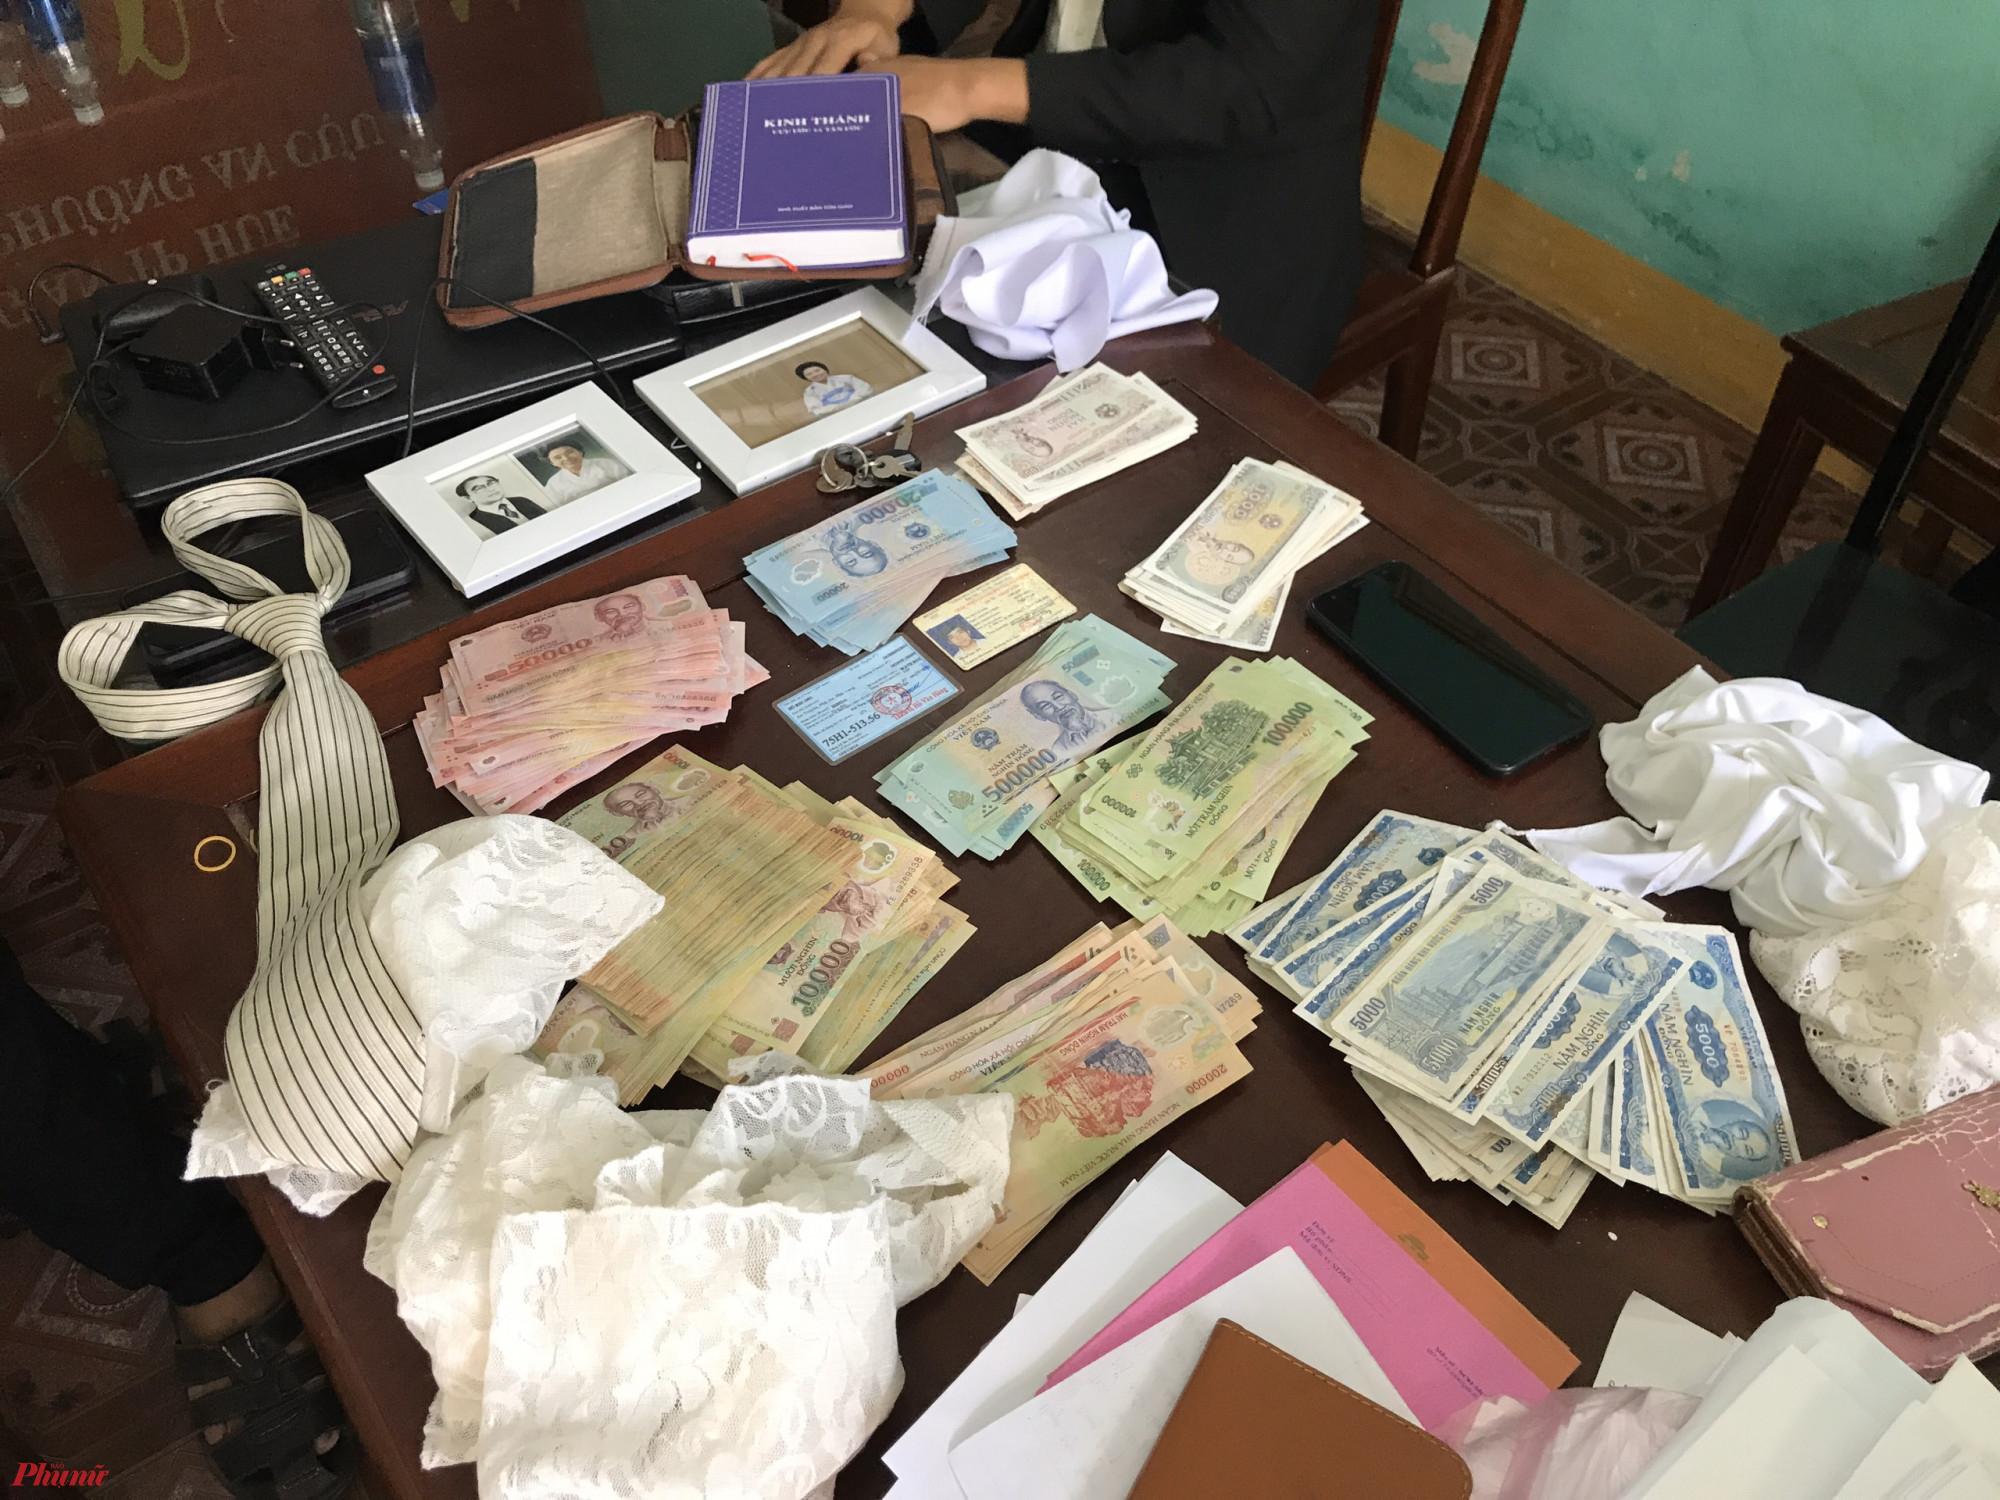 khoảng 200 bì thư đựng tiền dâng lễ, số tiền hơn 66 triệu đồng